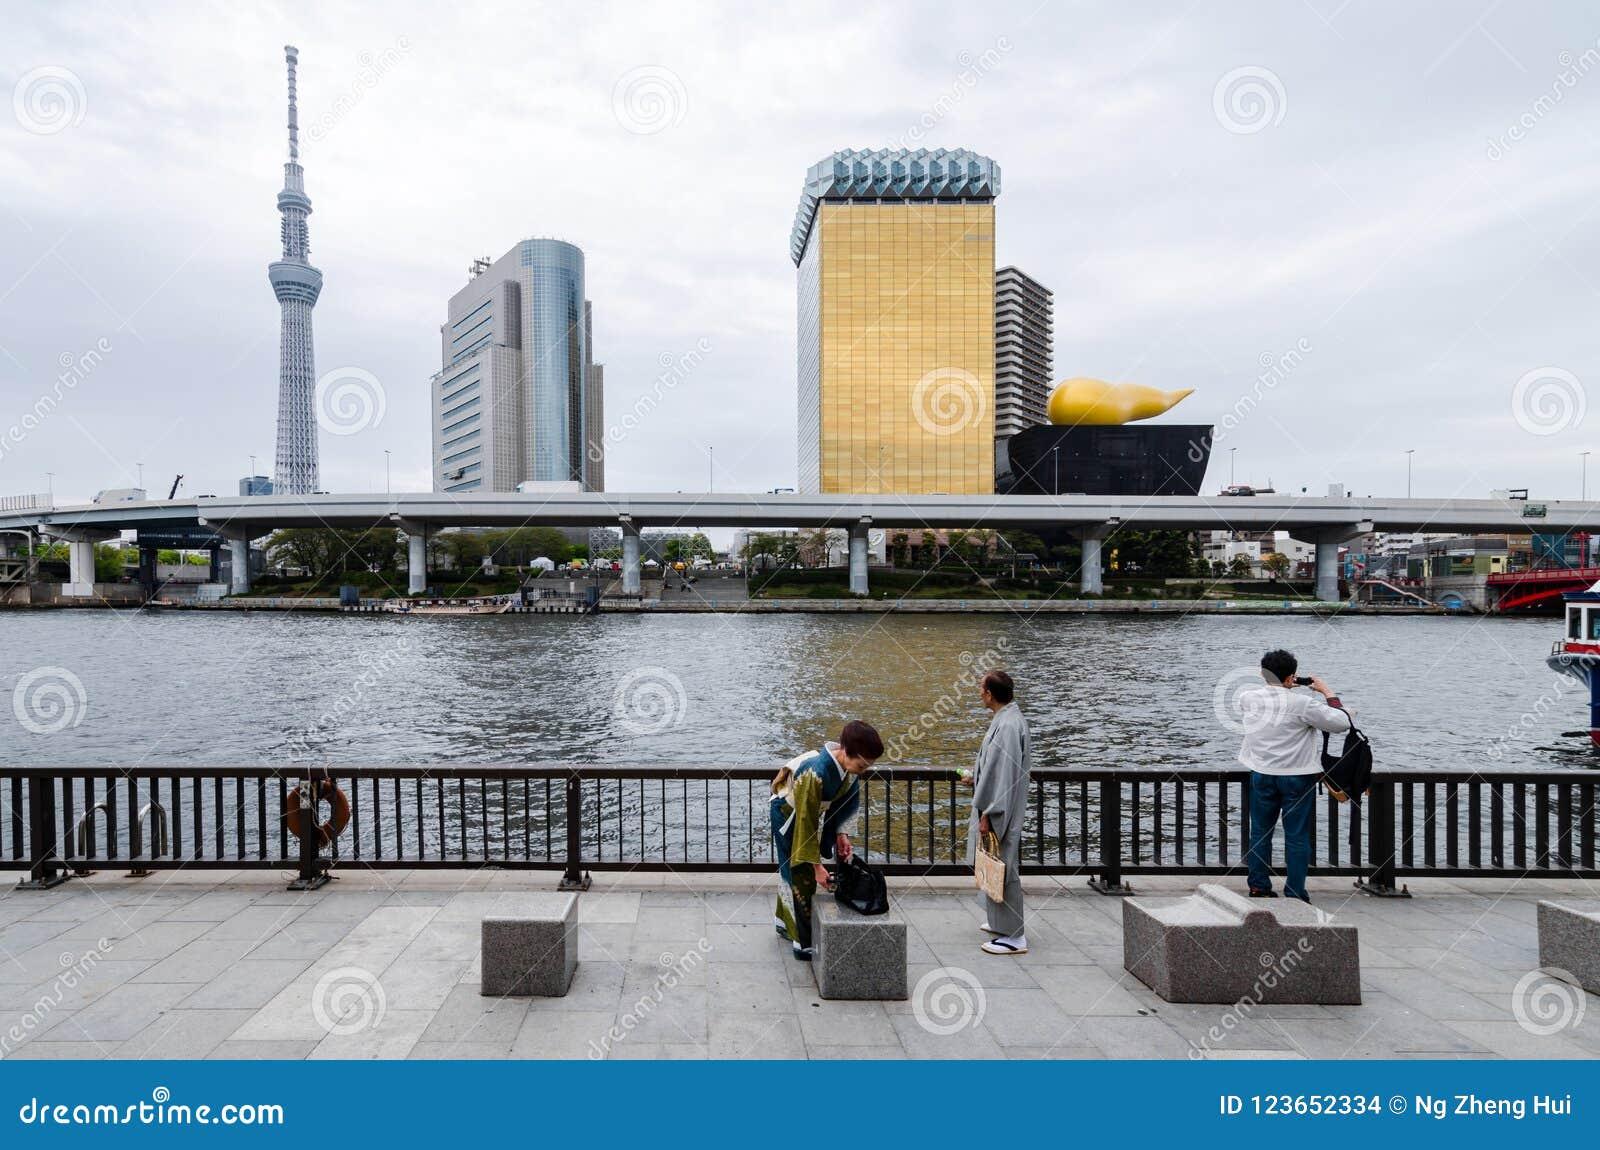 Ikonowi budynki jak widzieć od Sumida parka